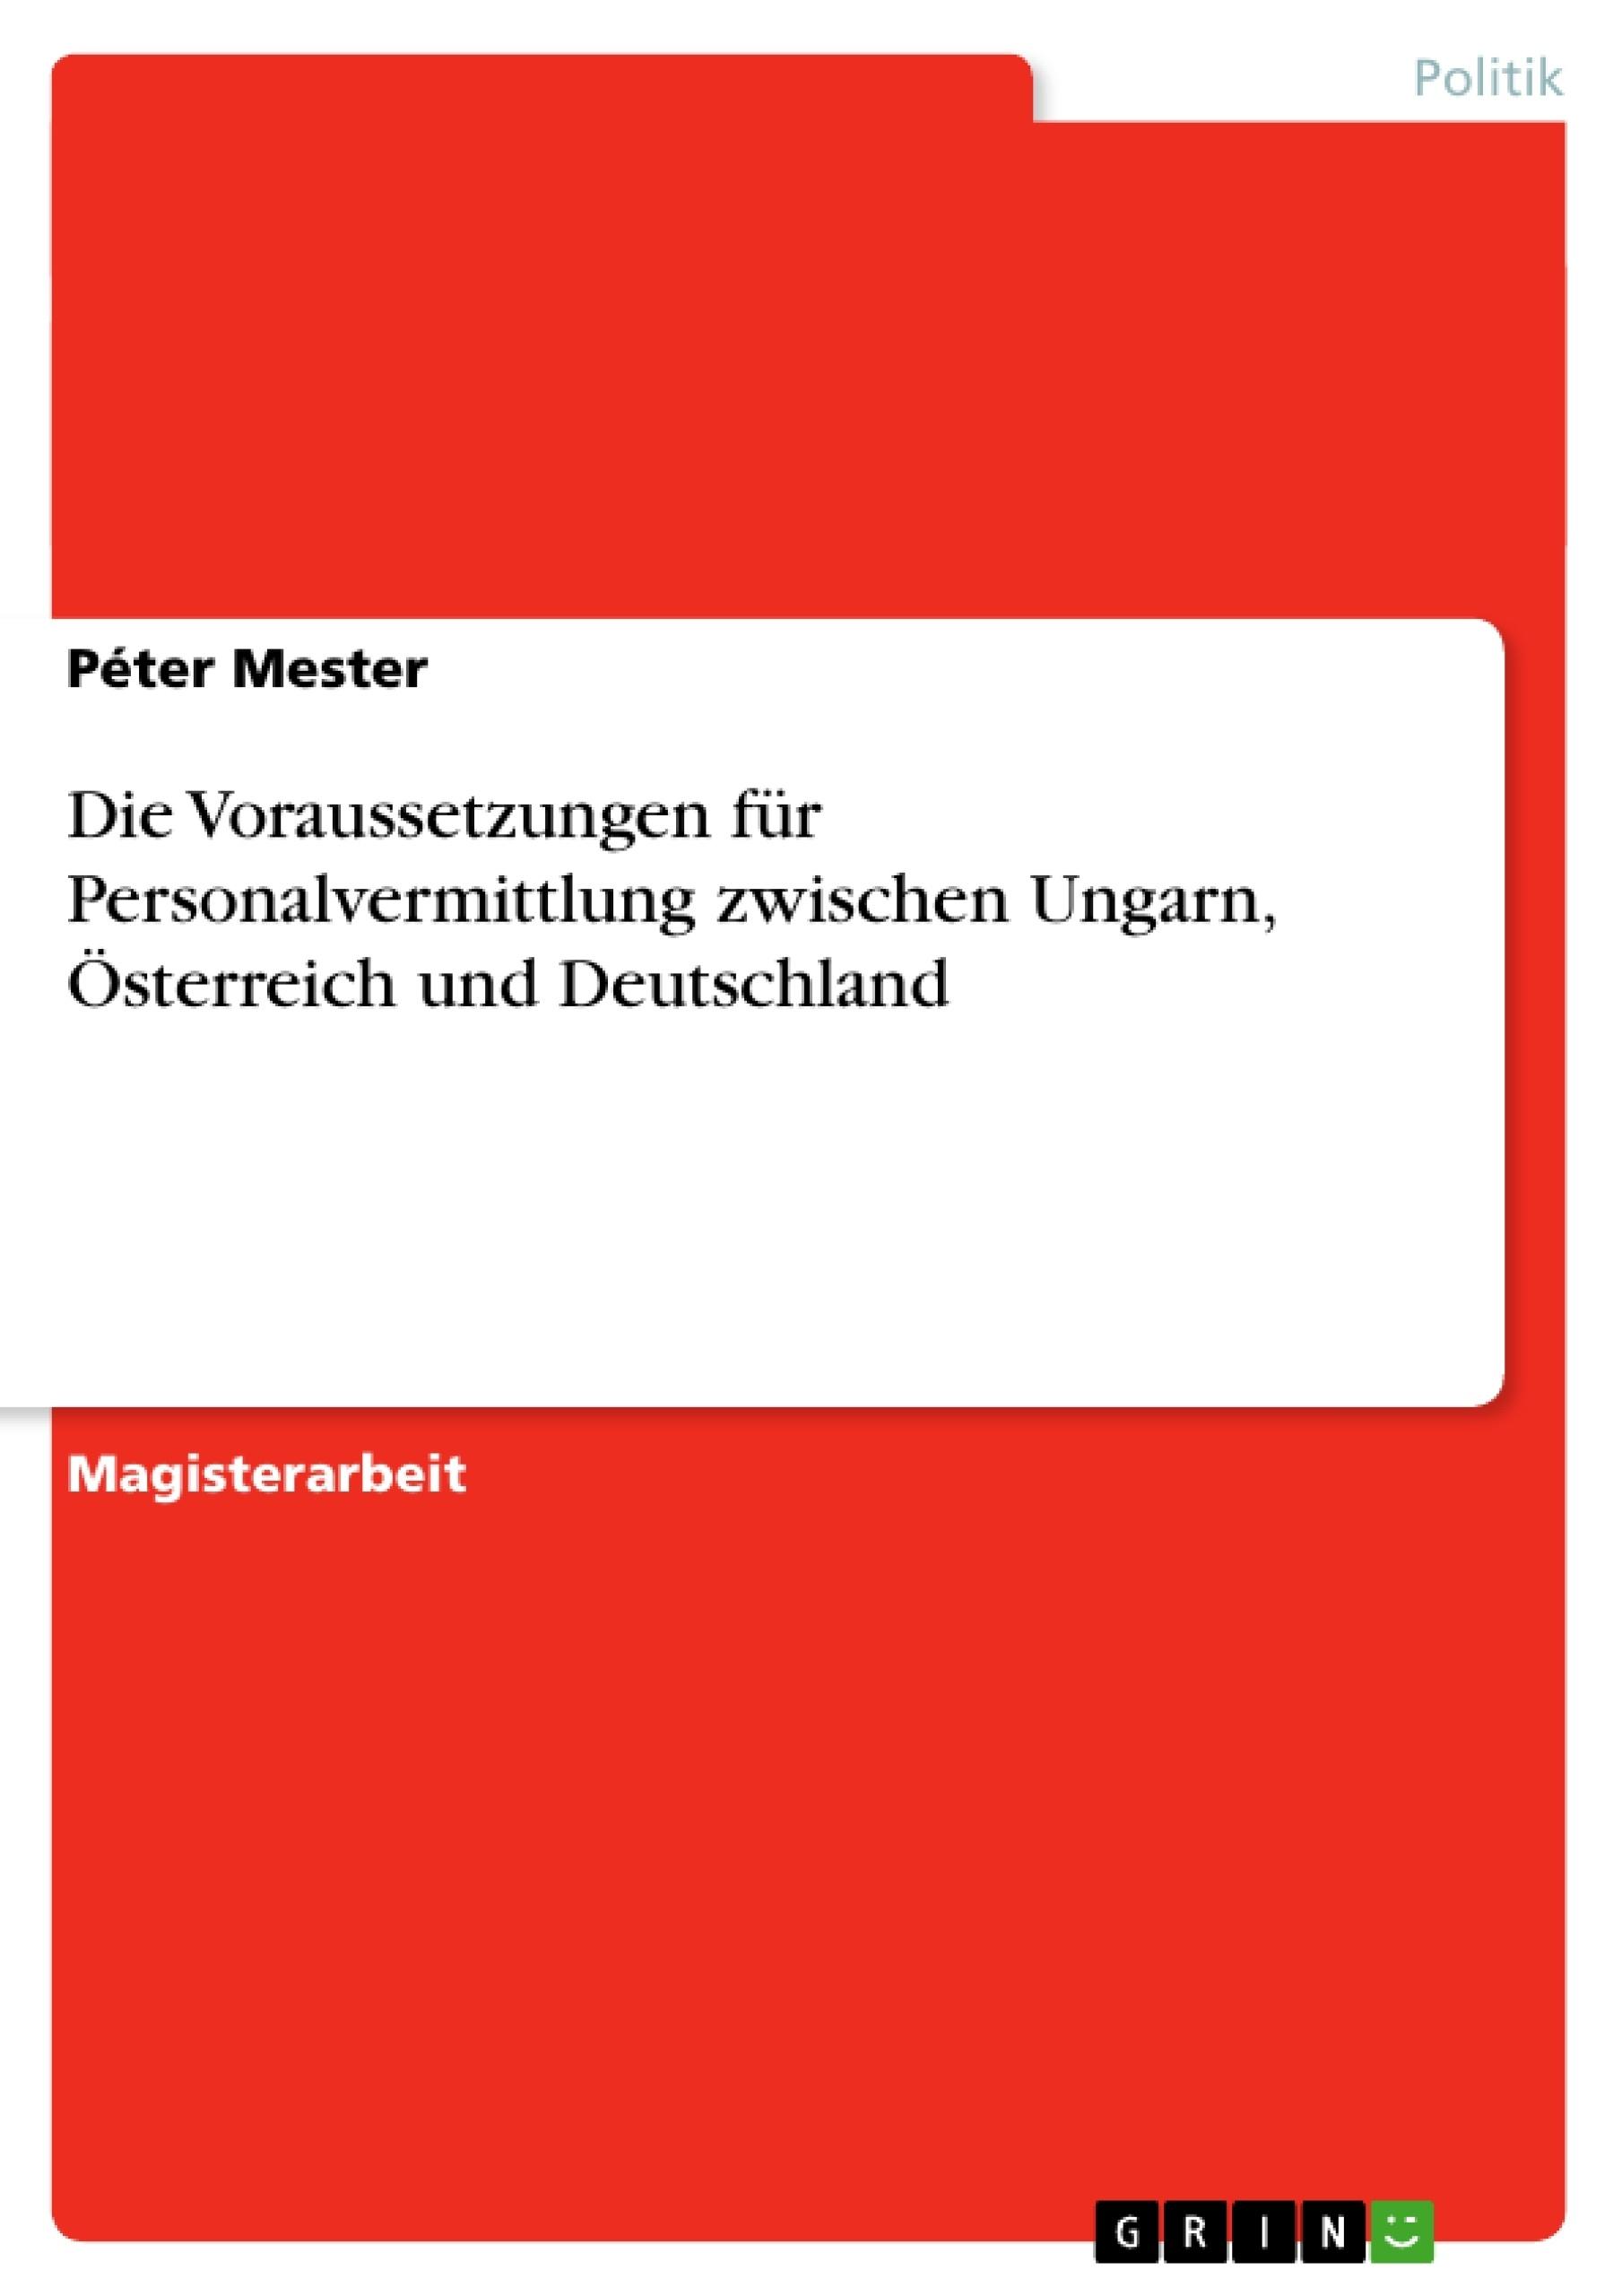 Titel: Die Voraussetzungen für Personalvermittlung zwischen Ungarn, Österreich und Deutschland